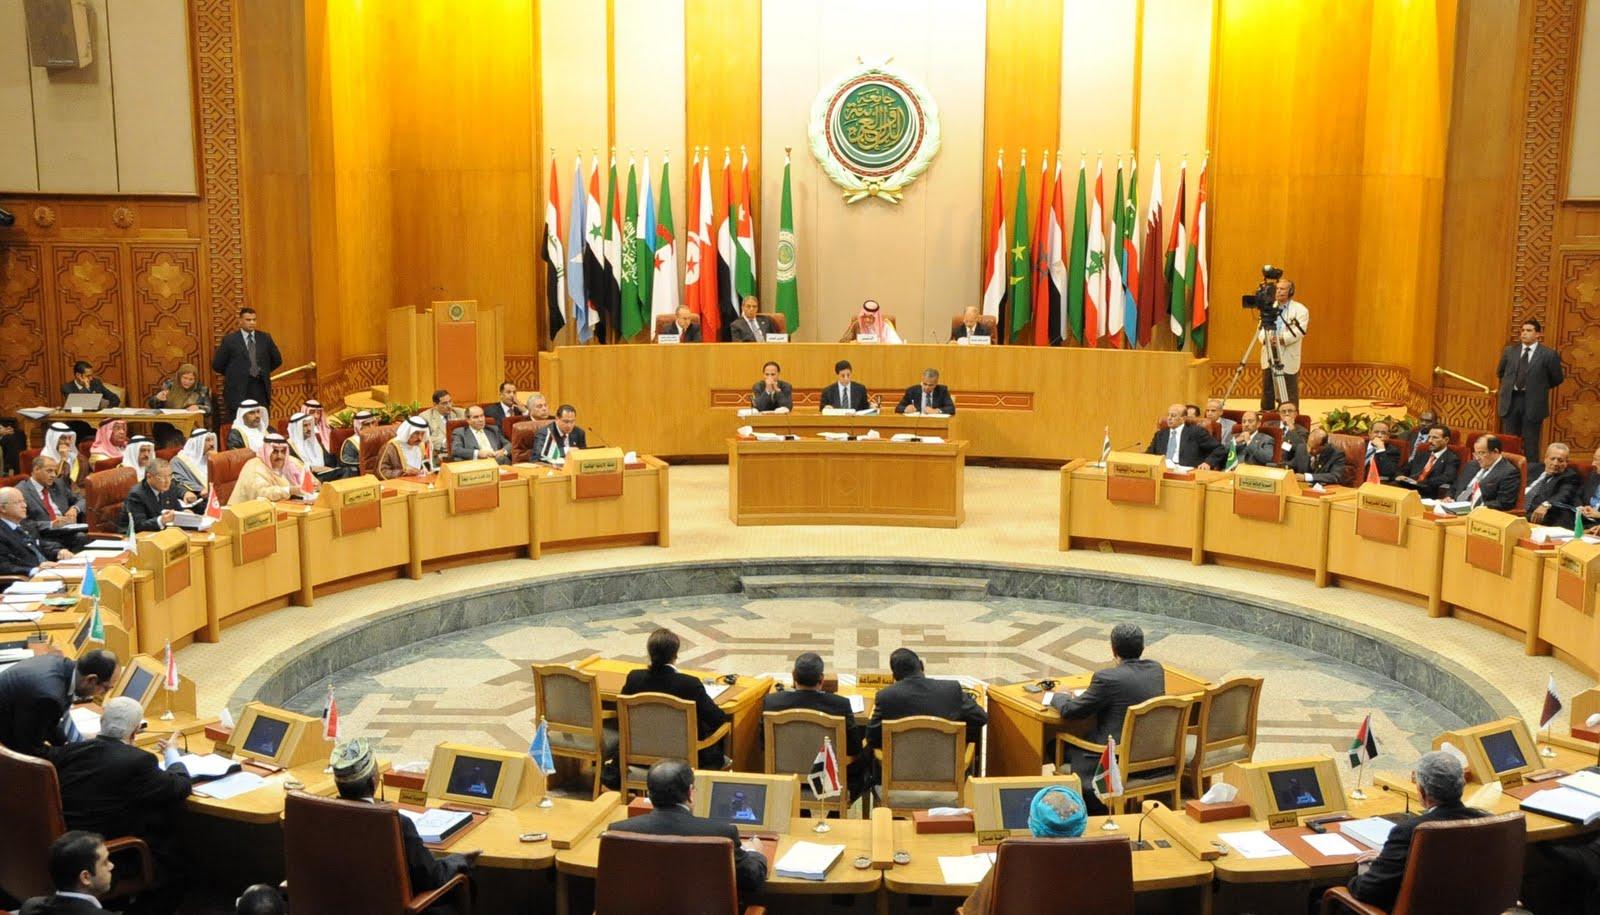 قطر والكويت تطالبان الجامعة العربية بعقد اجتماع لبحث أوضاع اليمن